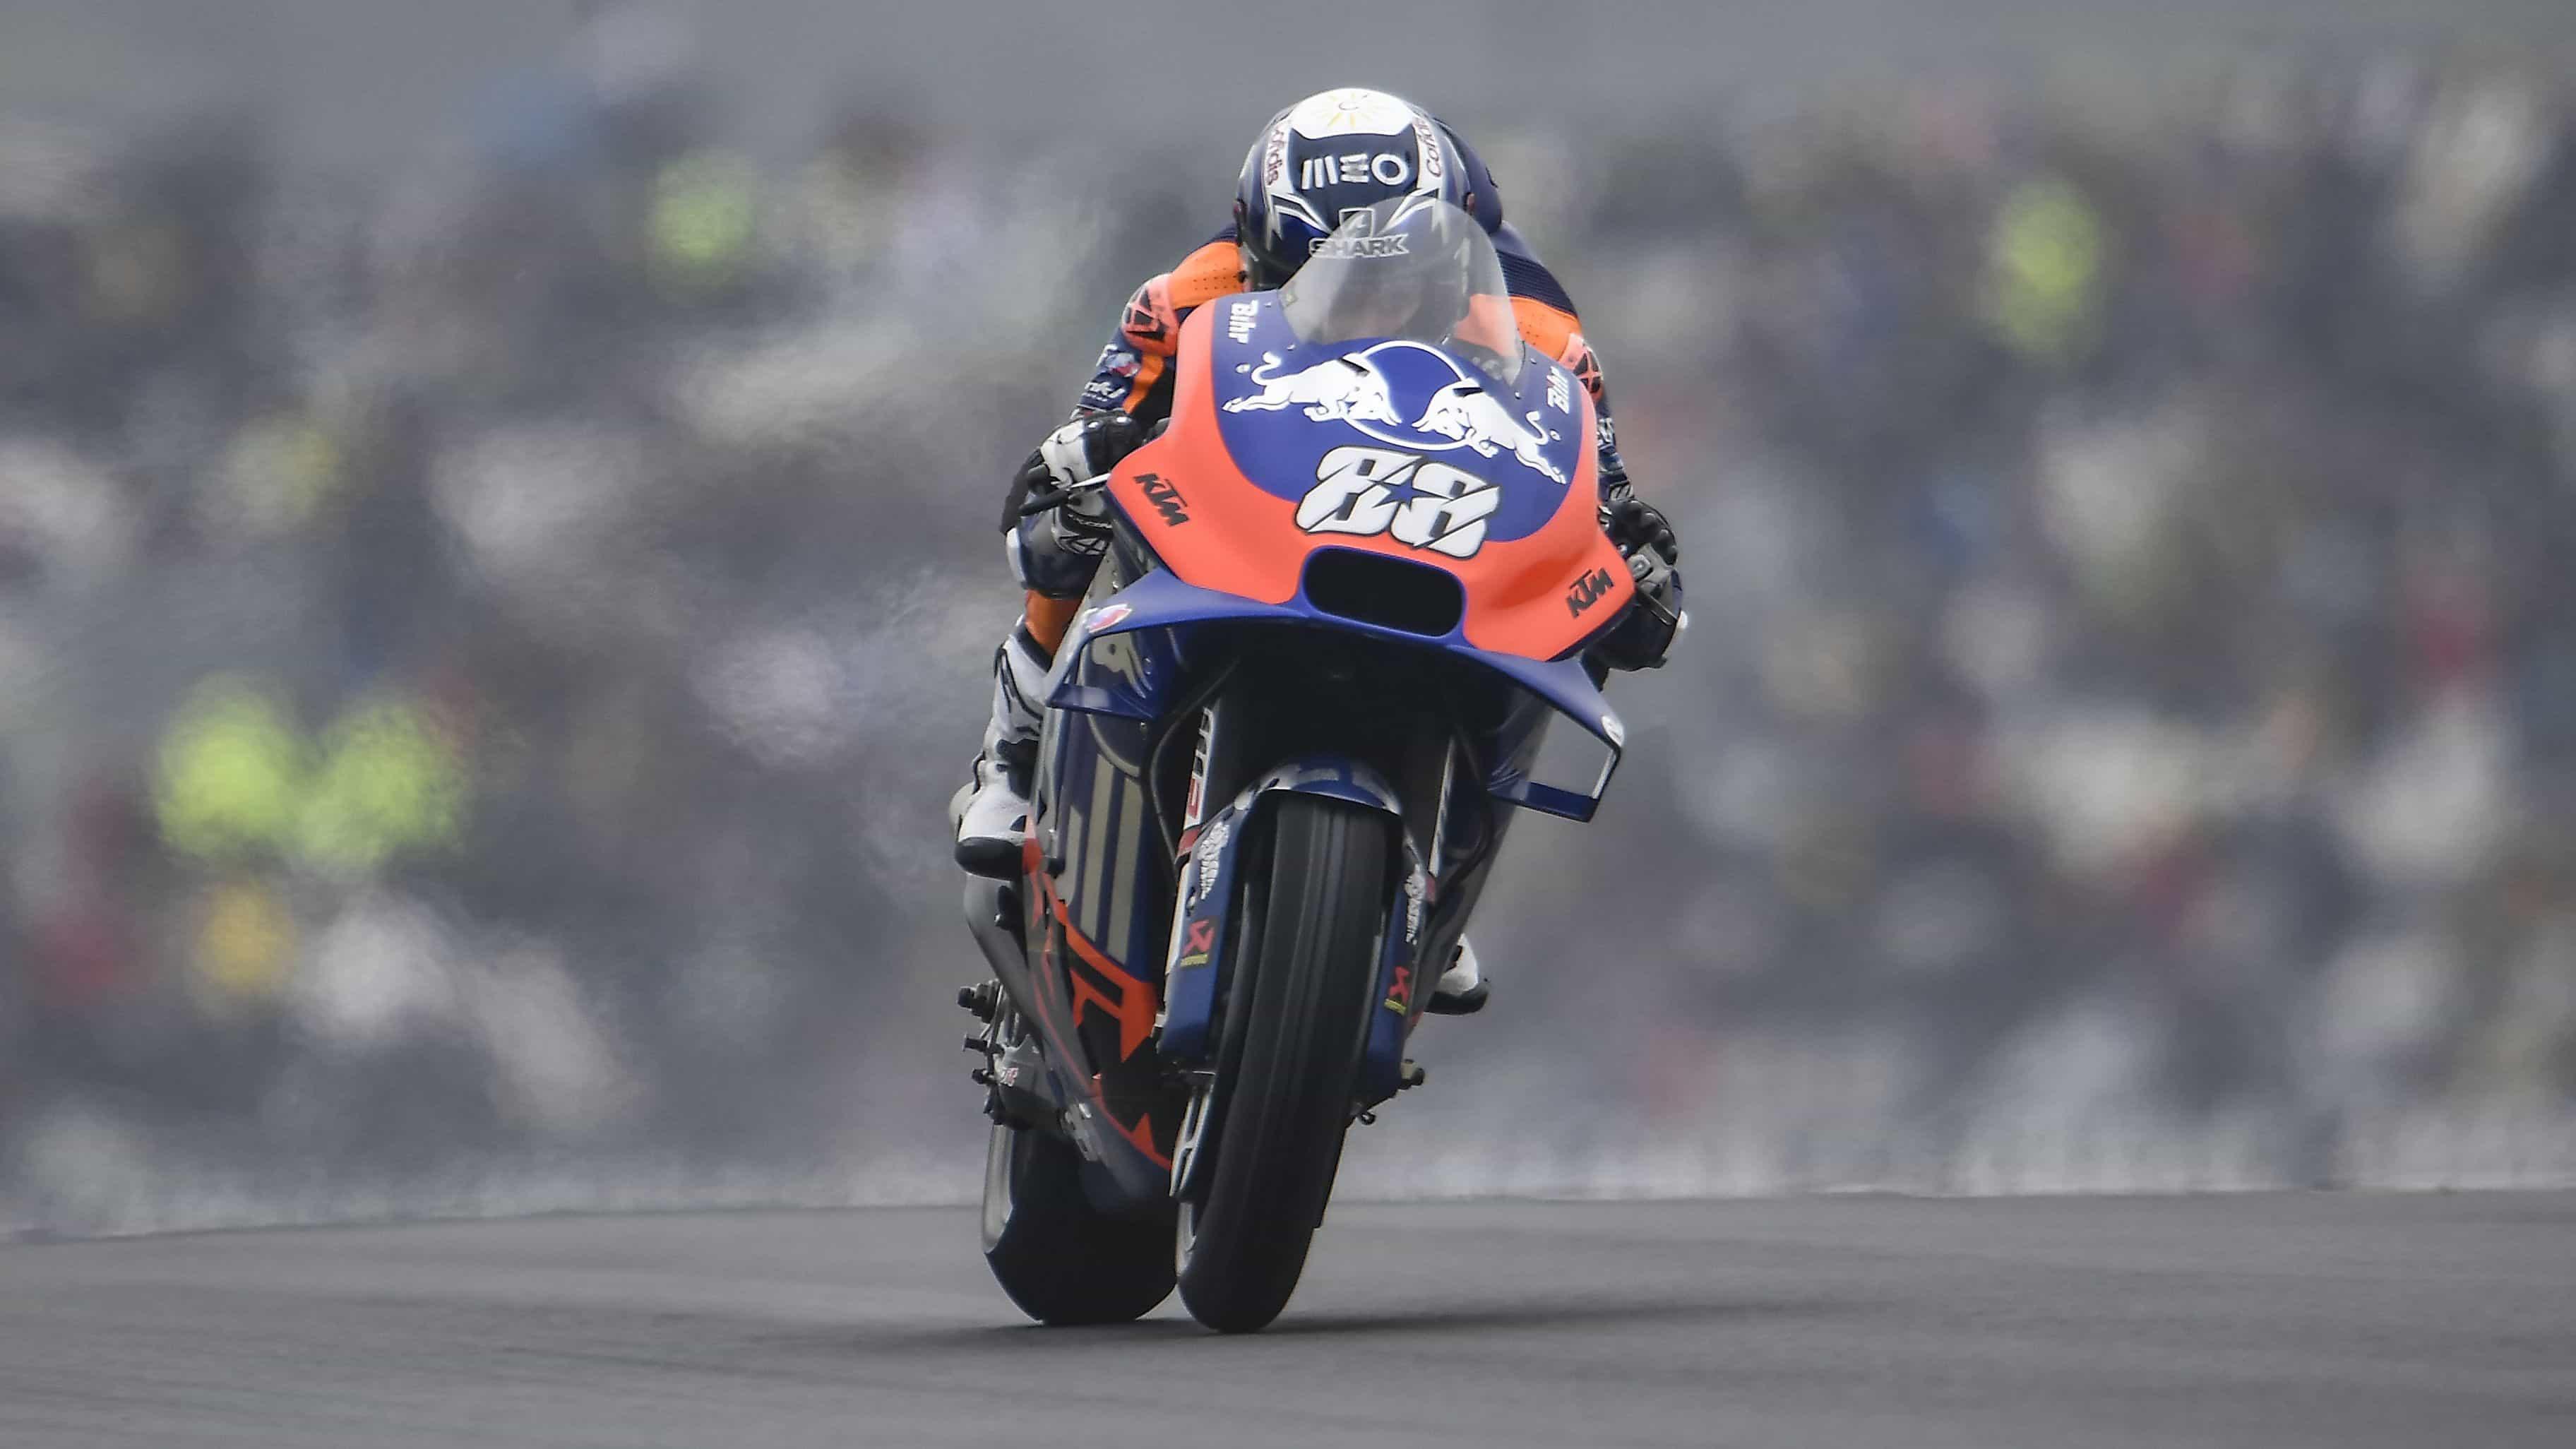 MotoGP2019イタリアGP ミゲル・オリヴェイラ「ポイント圏内でレースを終えることが目標」